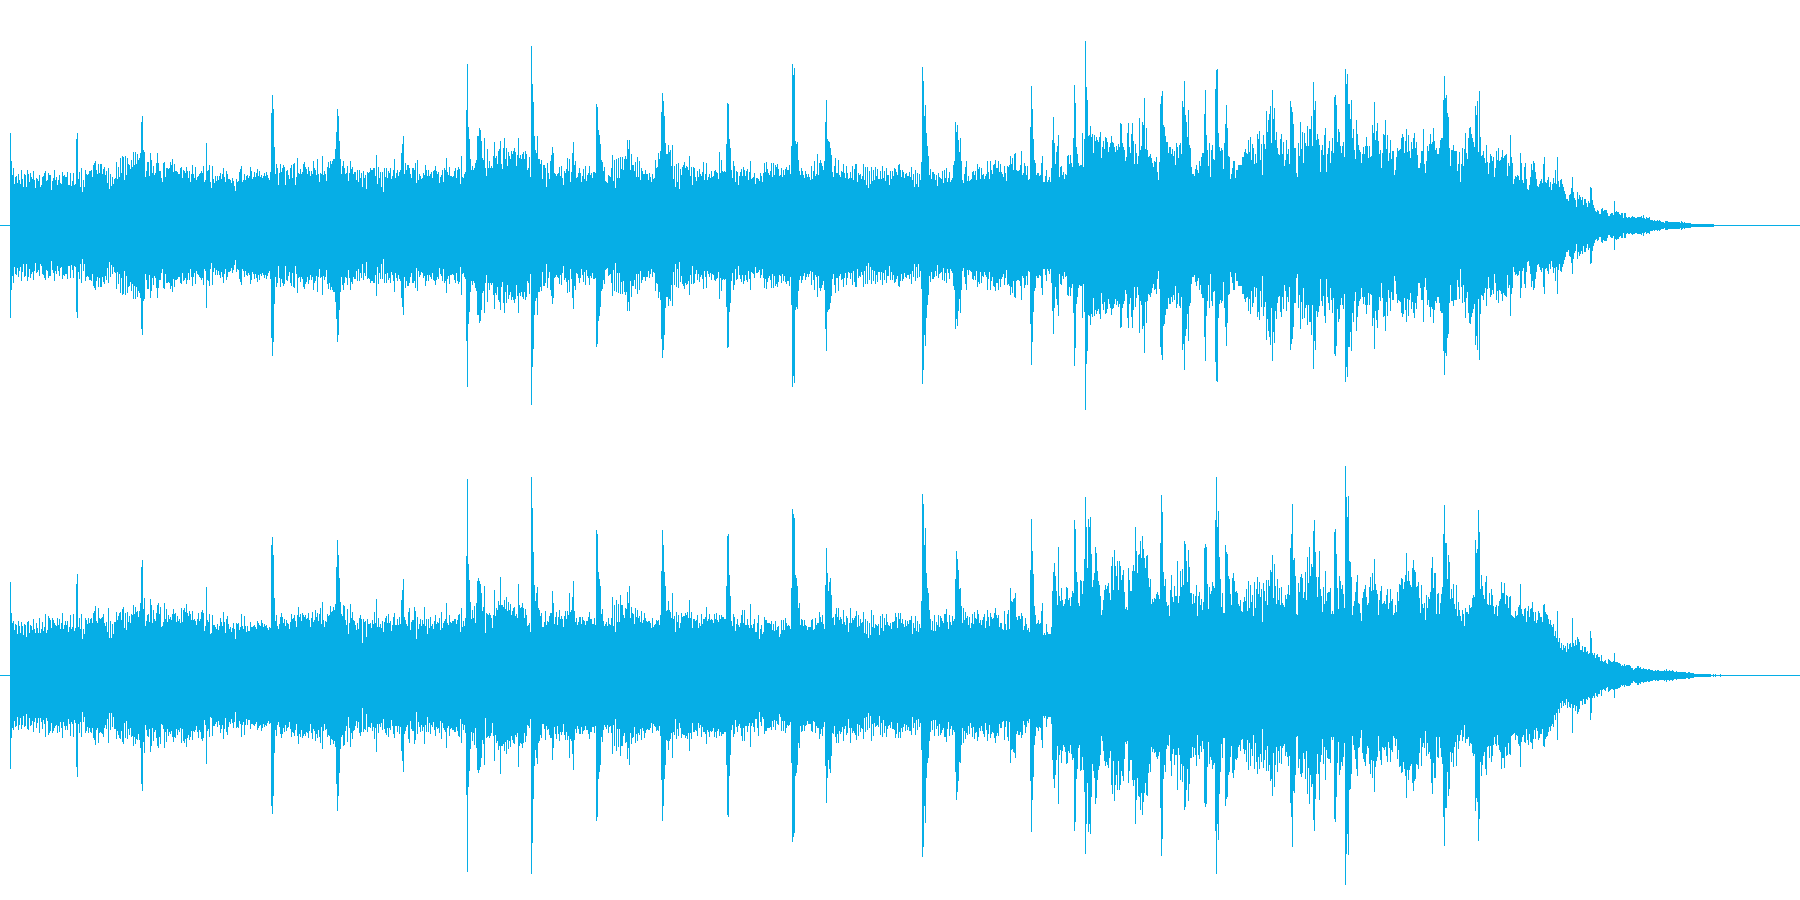 浮遊感のあるアンビエント/エレクトロニカの再生済みの波形